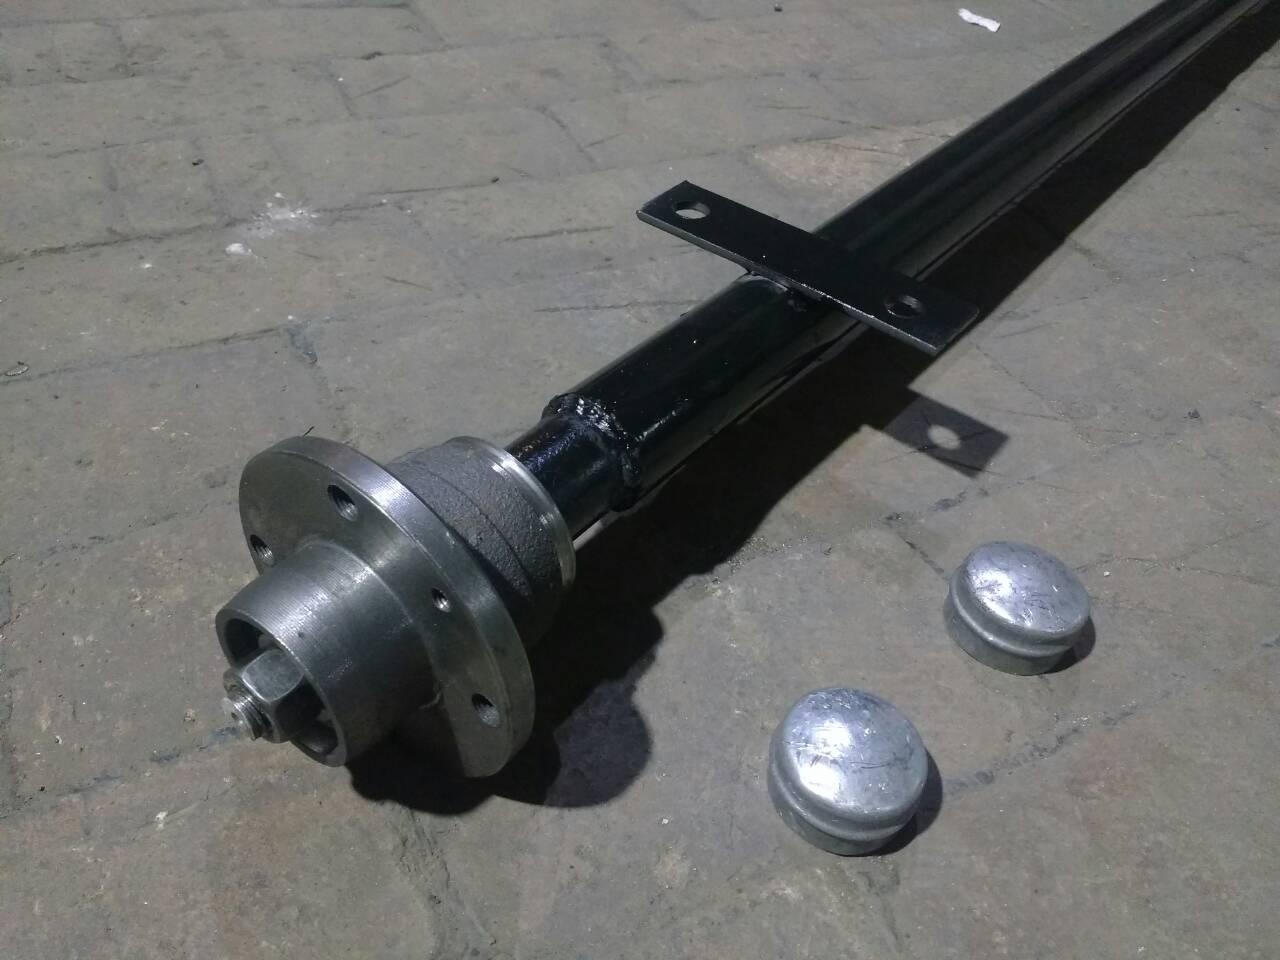 Балка (ось) для прицепа усиленная со ступицами